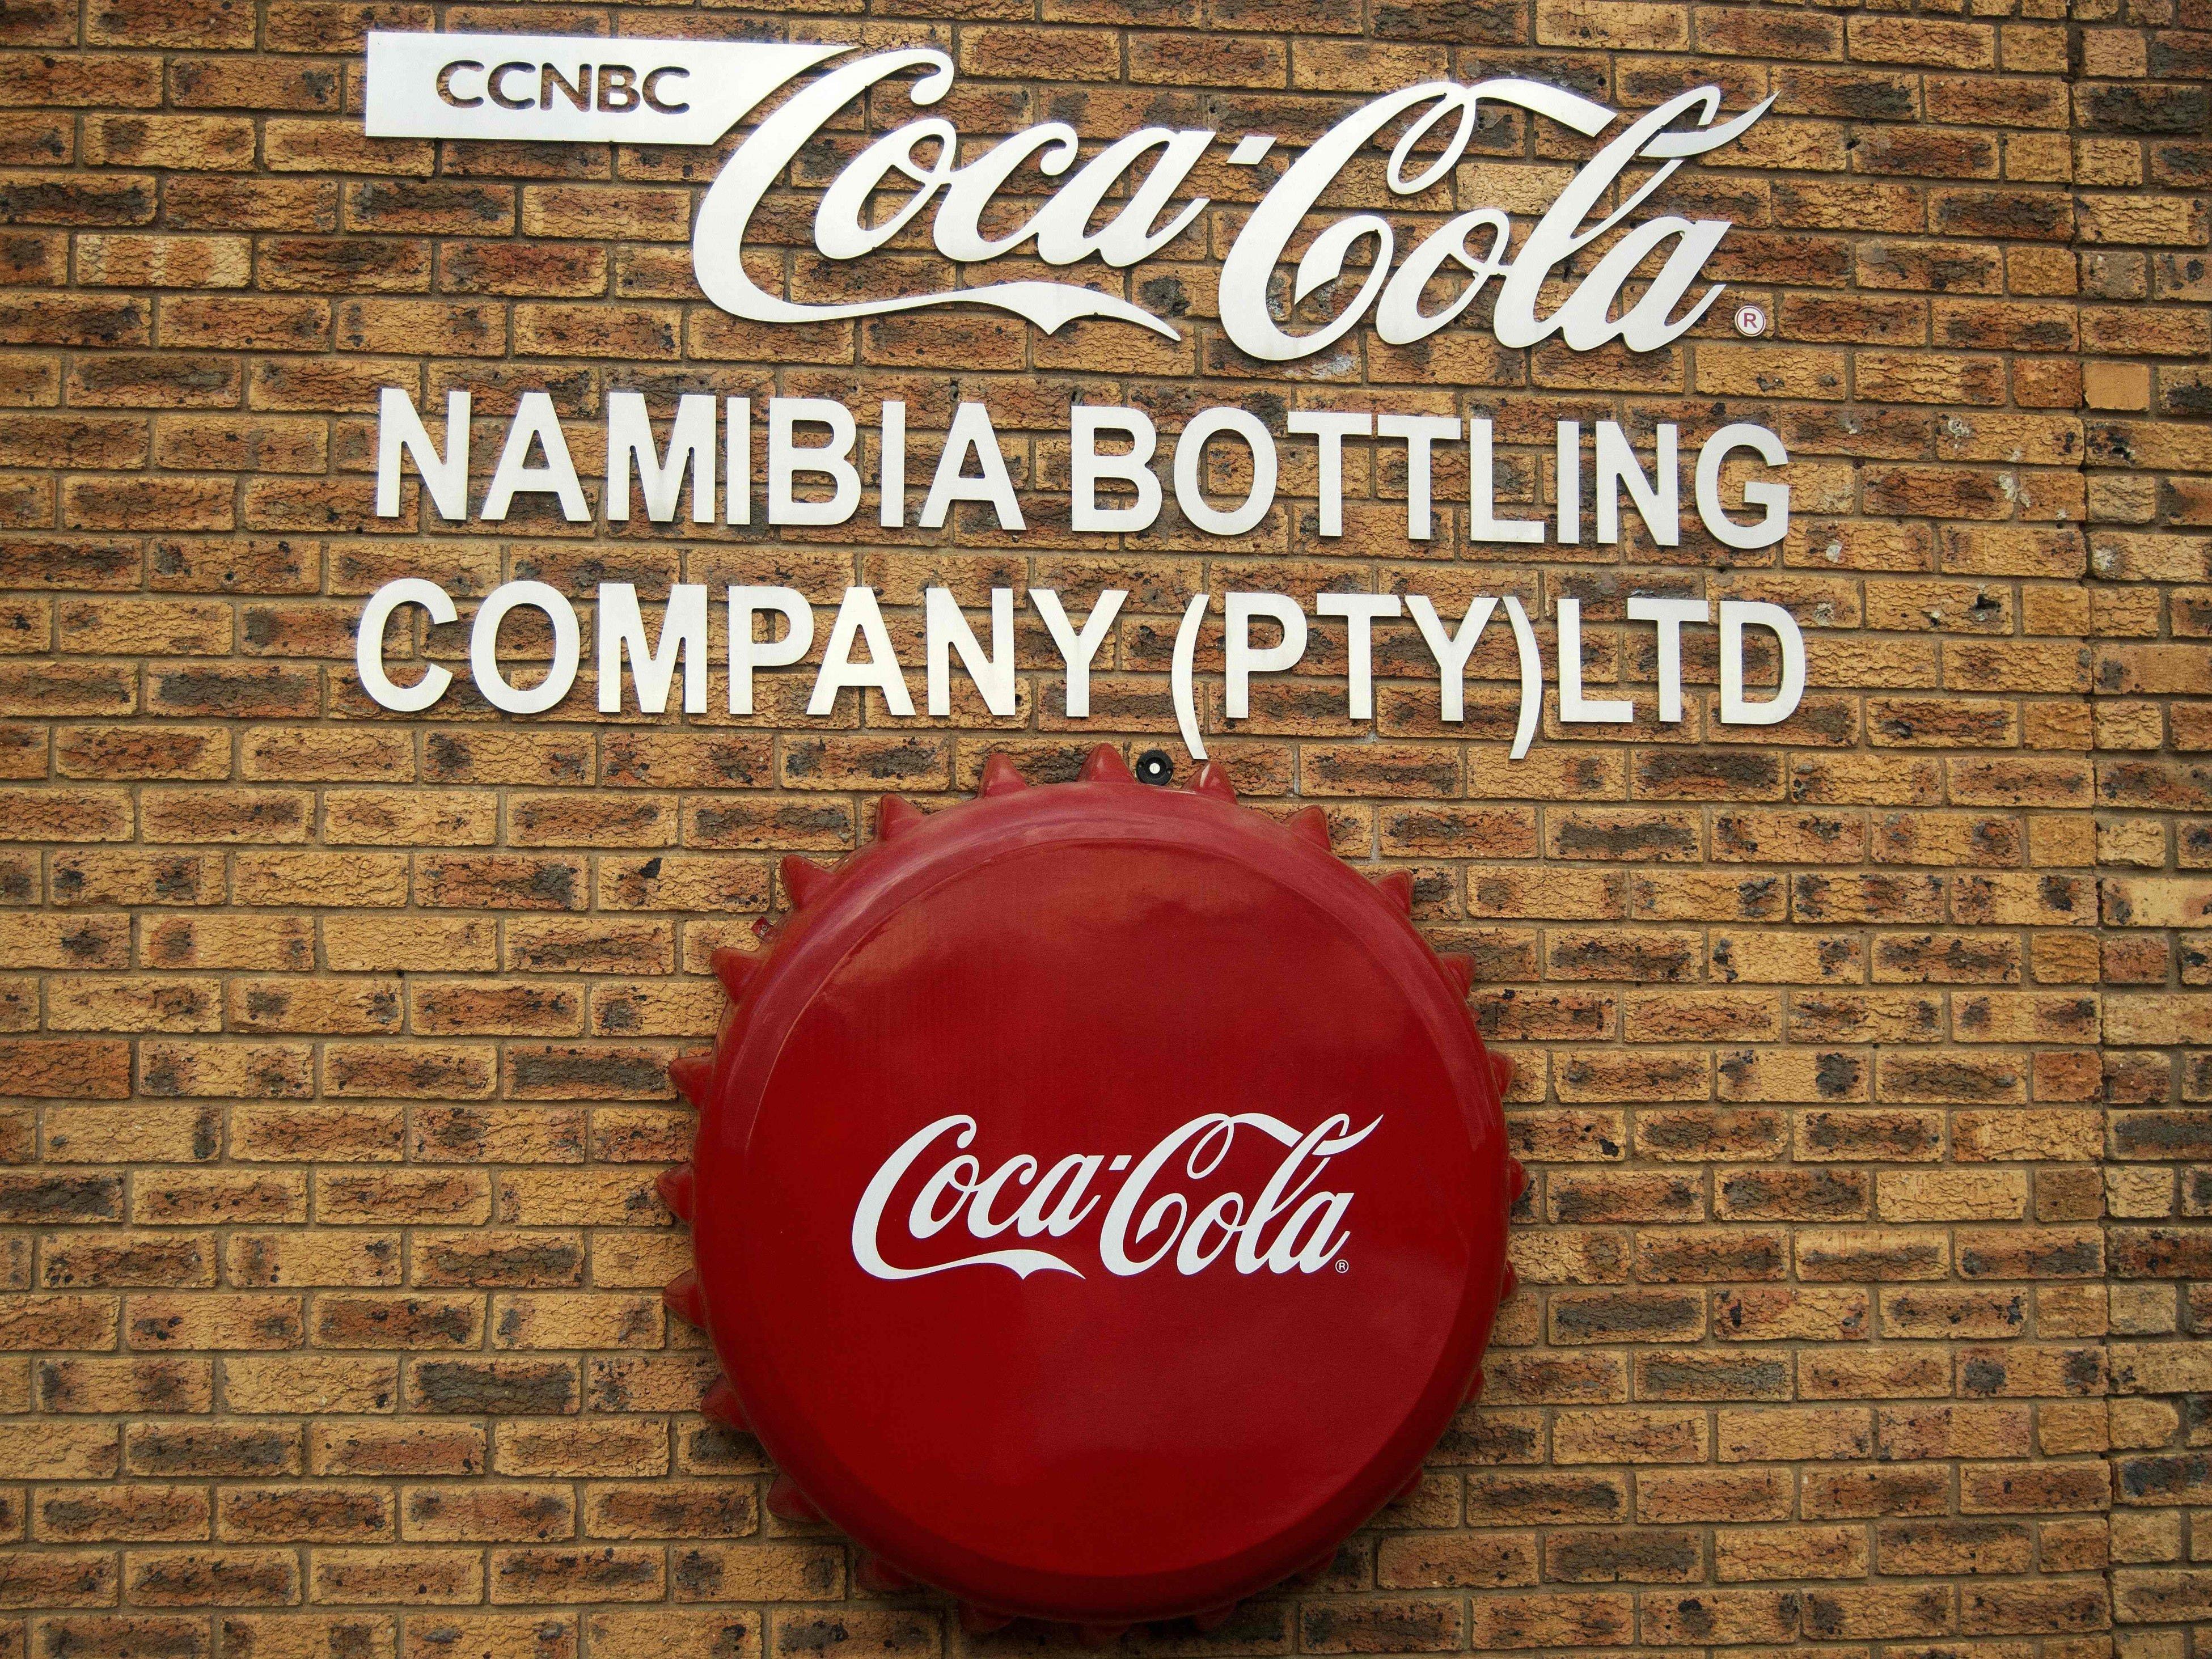 Die Coca-Cola-Produktion in Namibia wurde vorübergehend gestoppt.